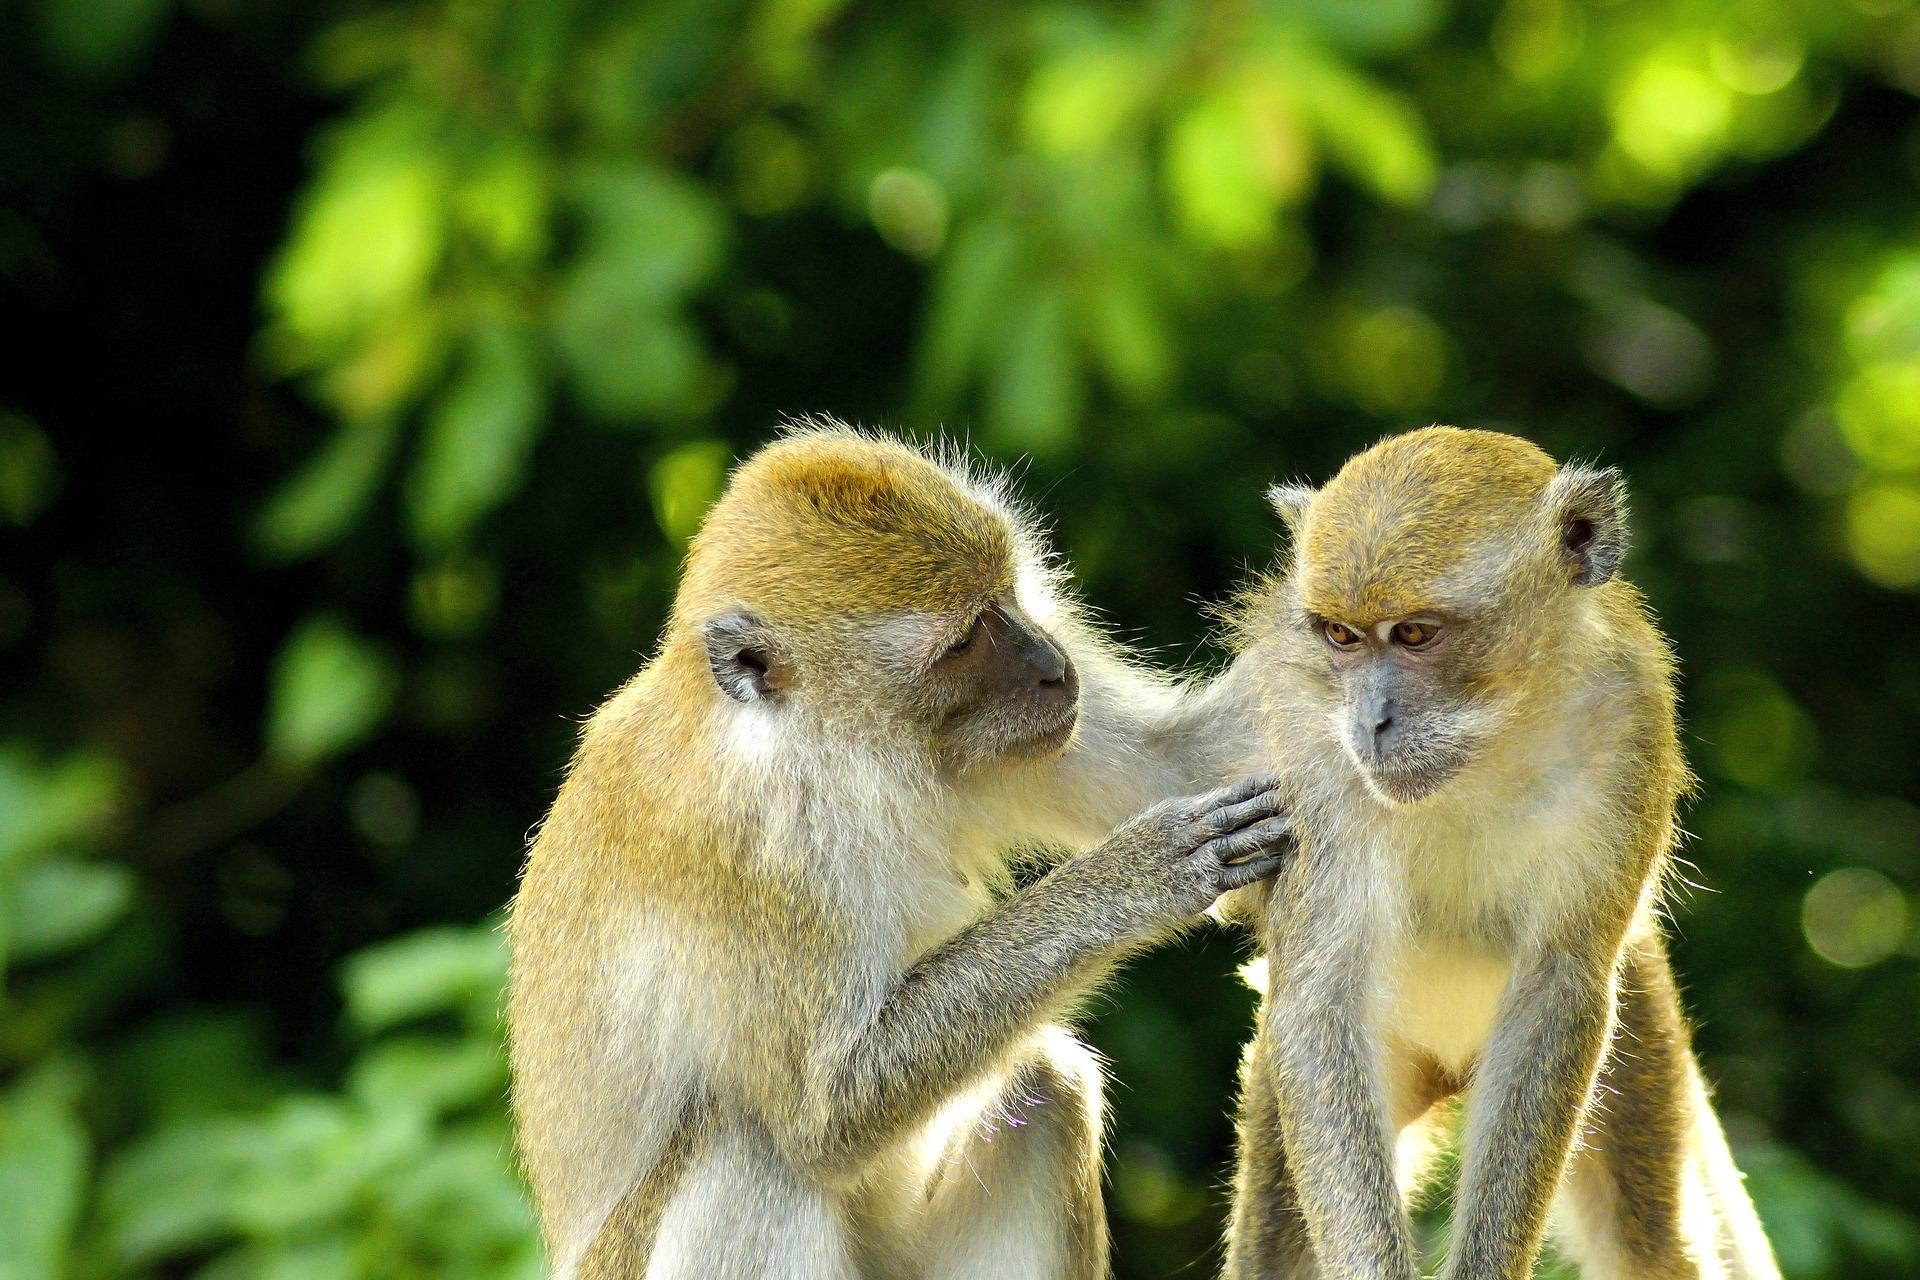 Dunbar chegou a seus números de interação social observando primatas.